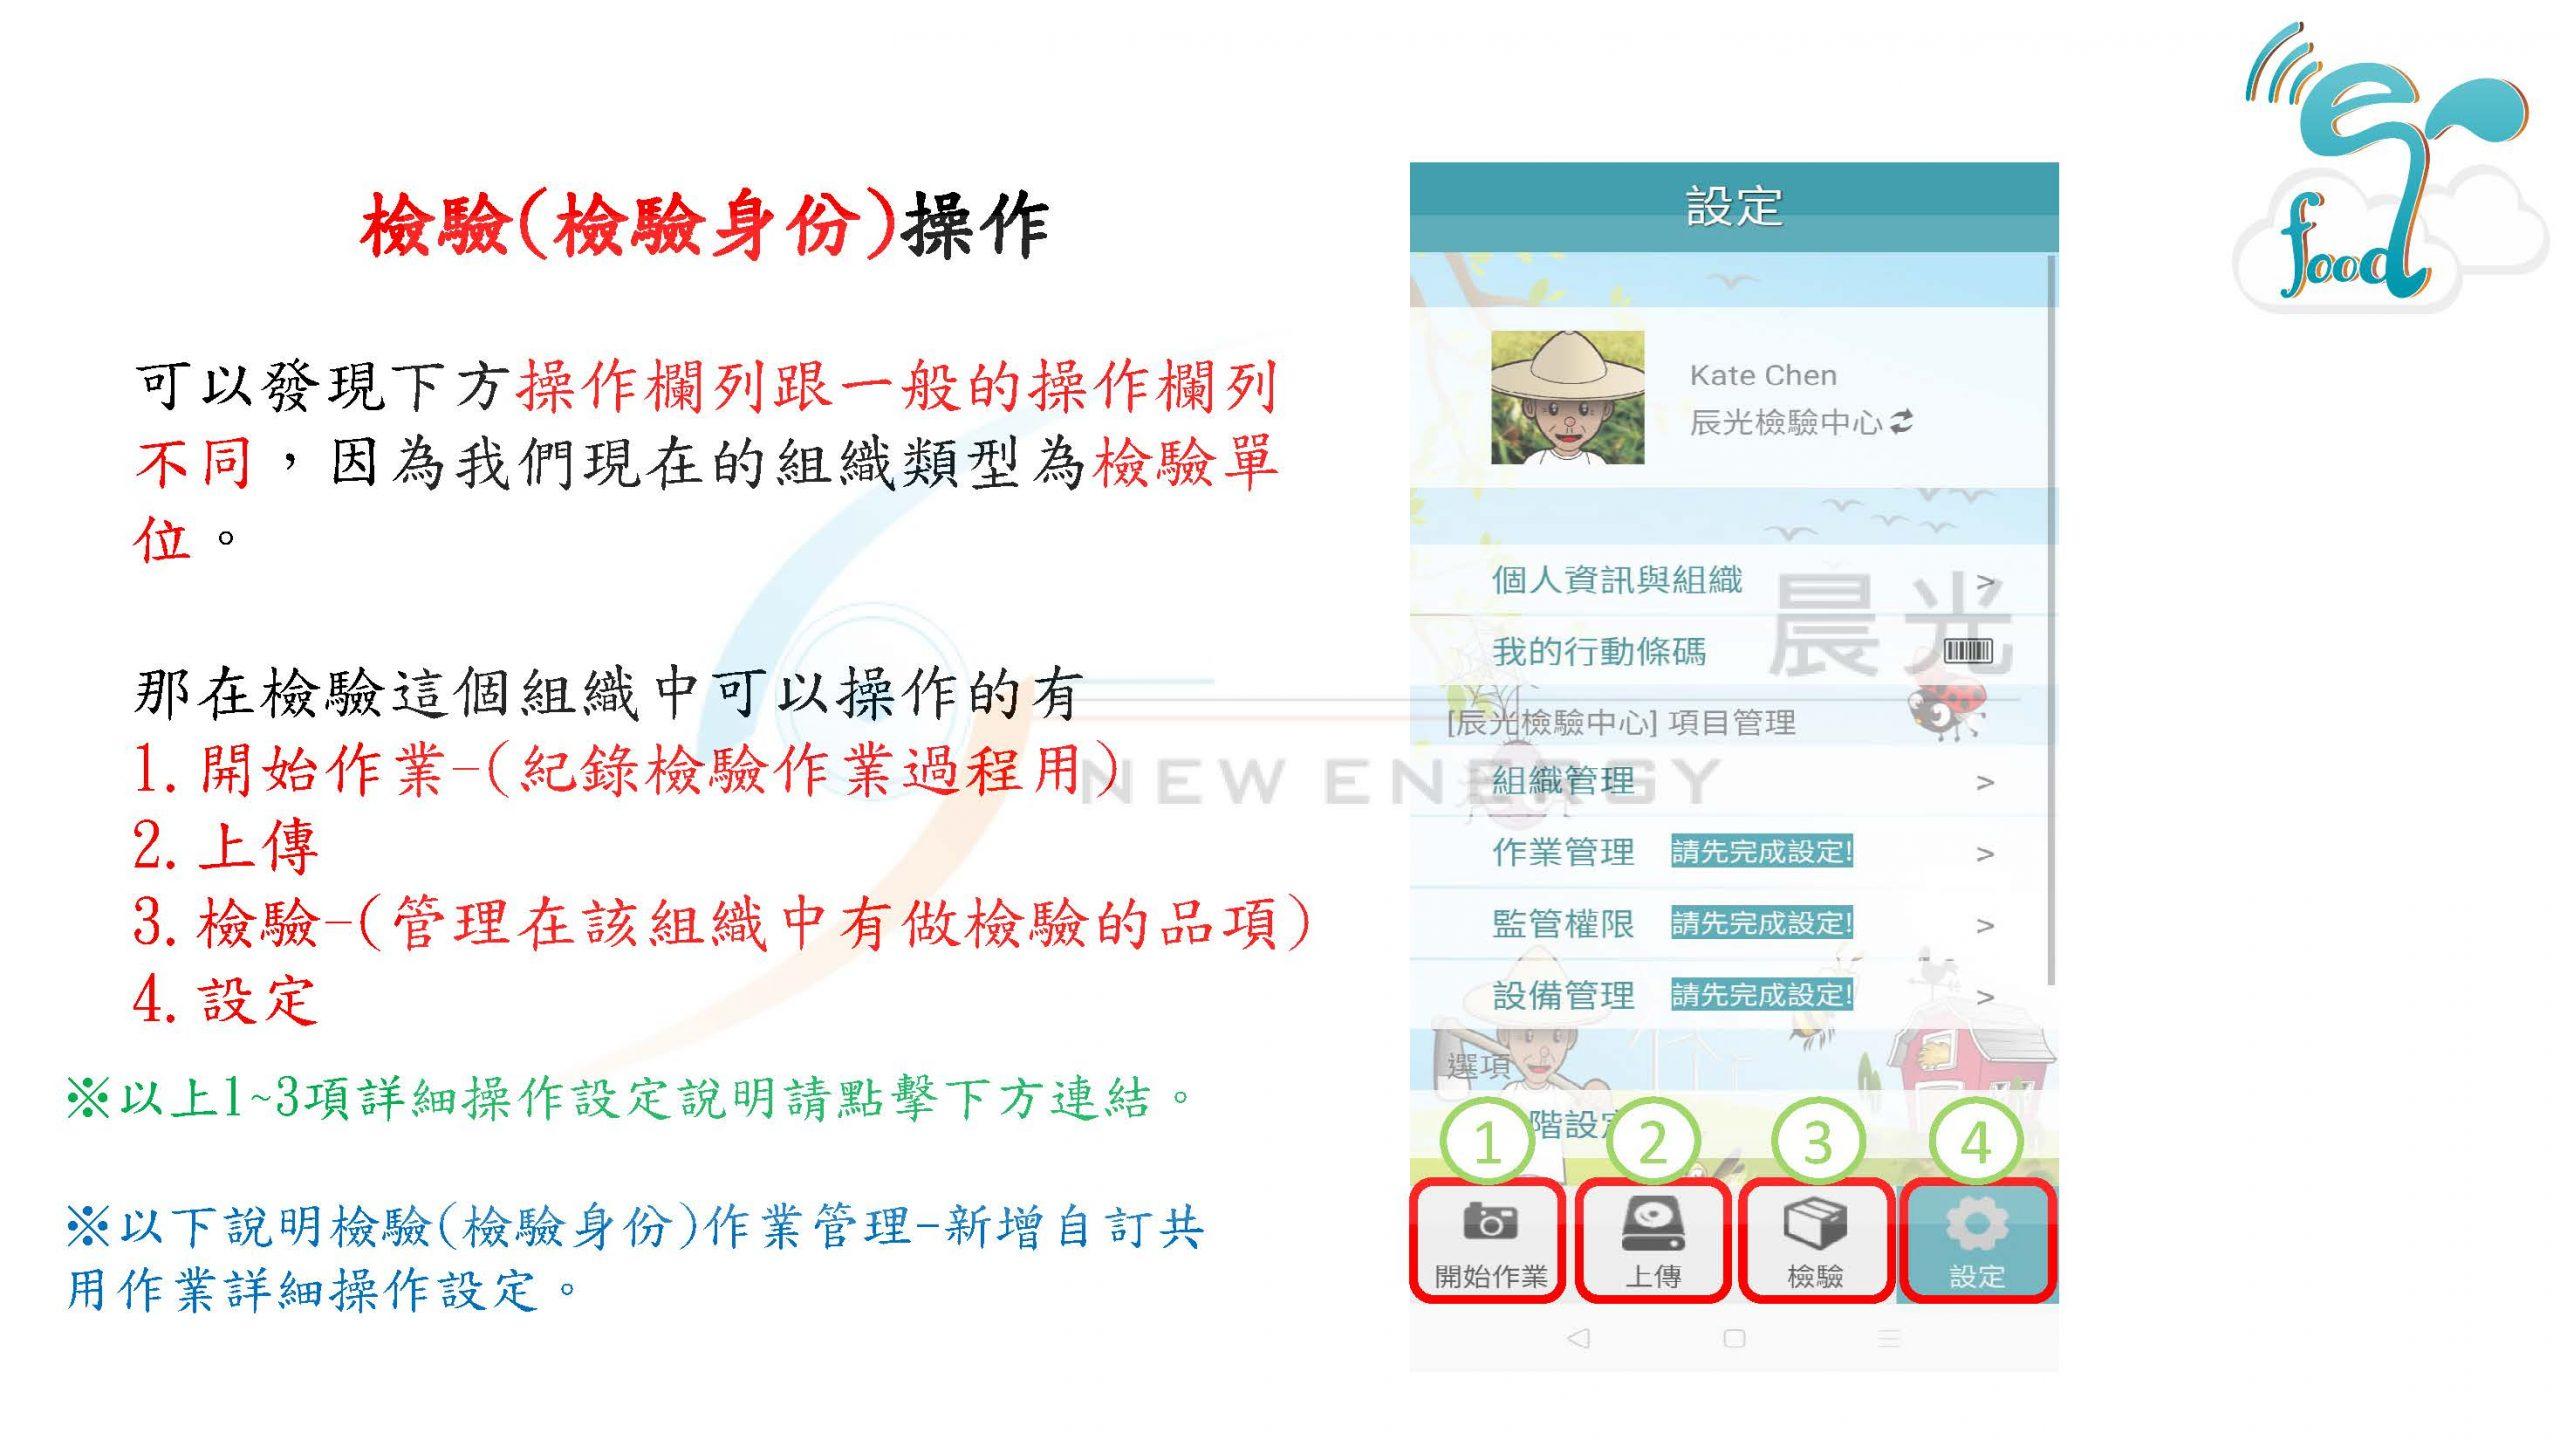 真食呈現,作業管理,檢驗(檢驗身份),新增自訂共用作業,編輯順序,作業圖案